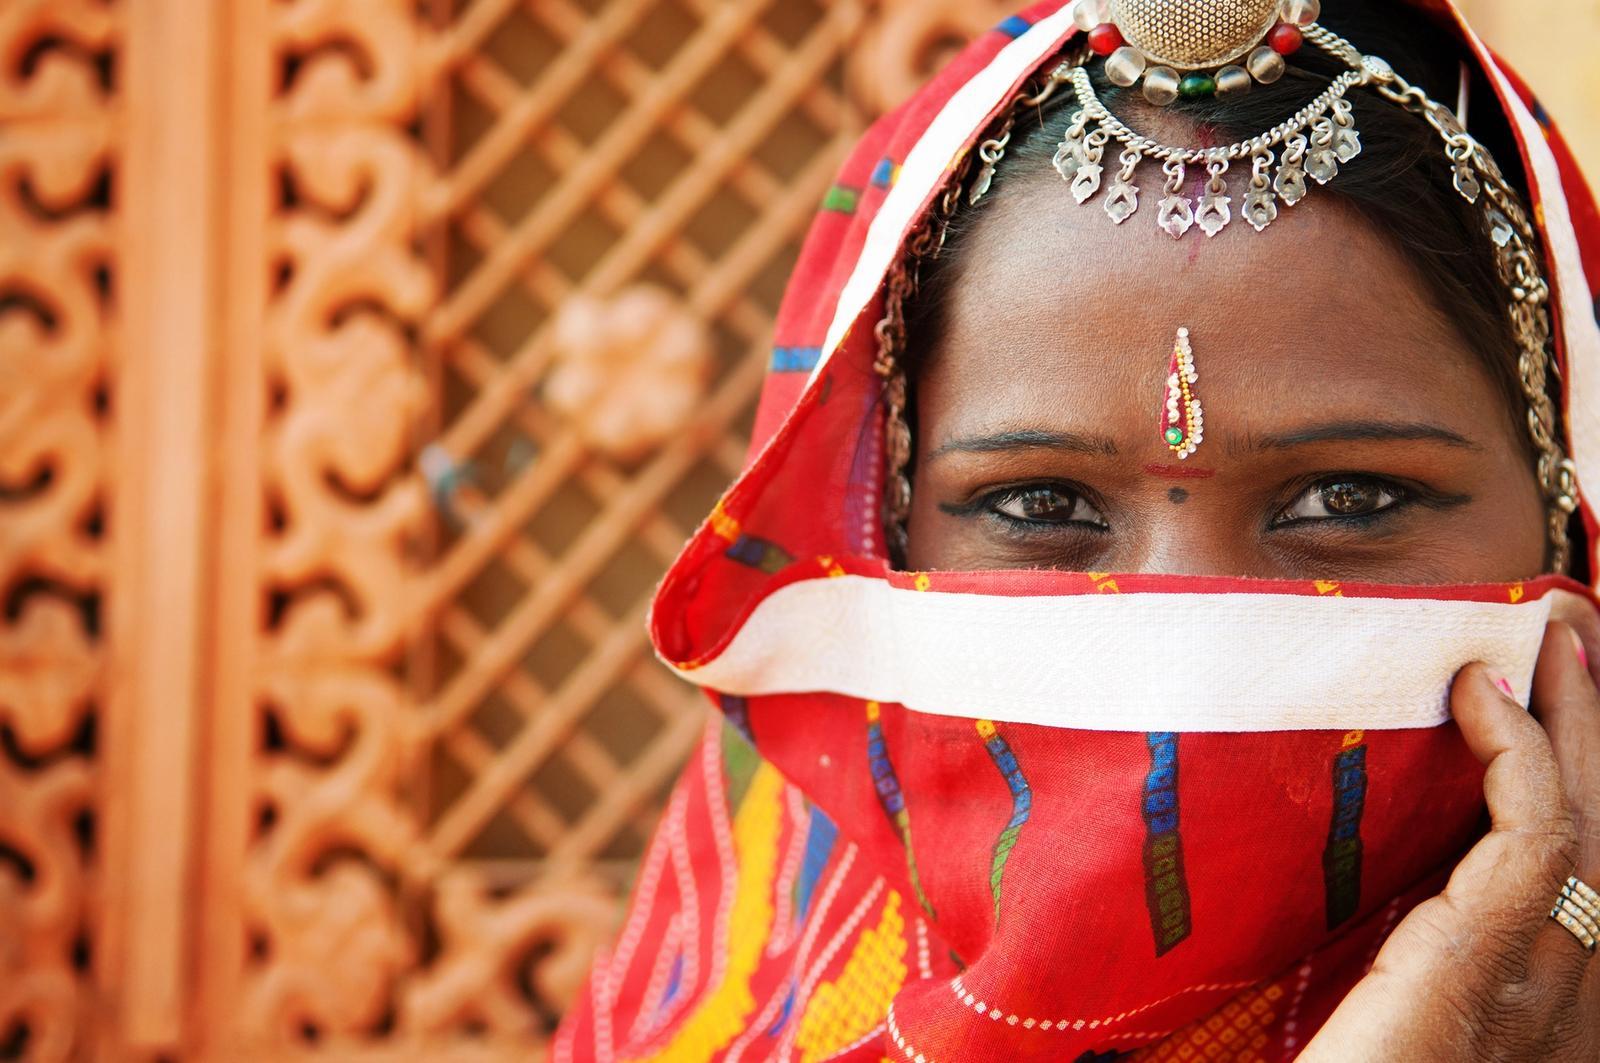 ritratto di ragazza indiana con abiti tradizionali